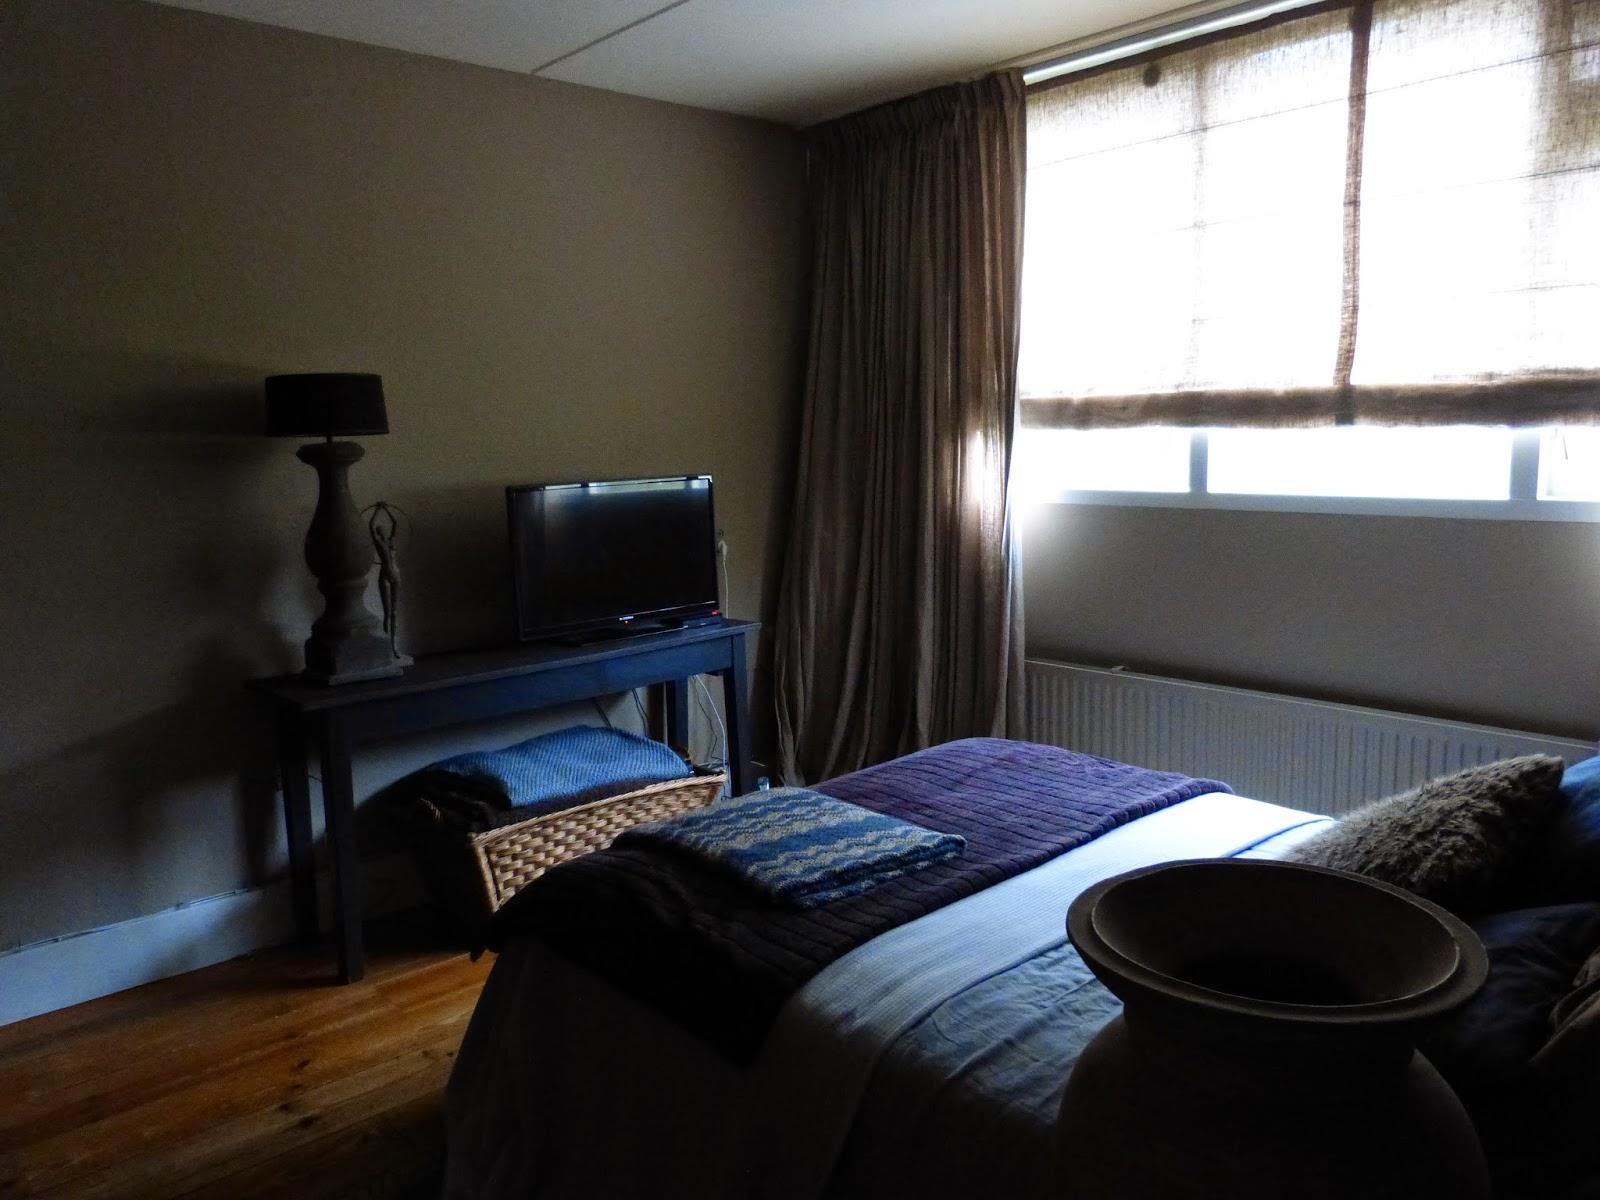 Eenvoud & simplicity: de slaapkamer